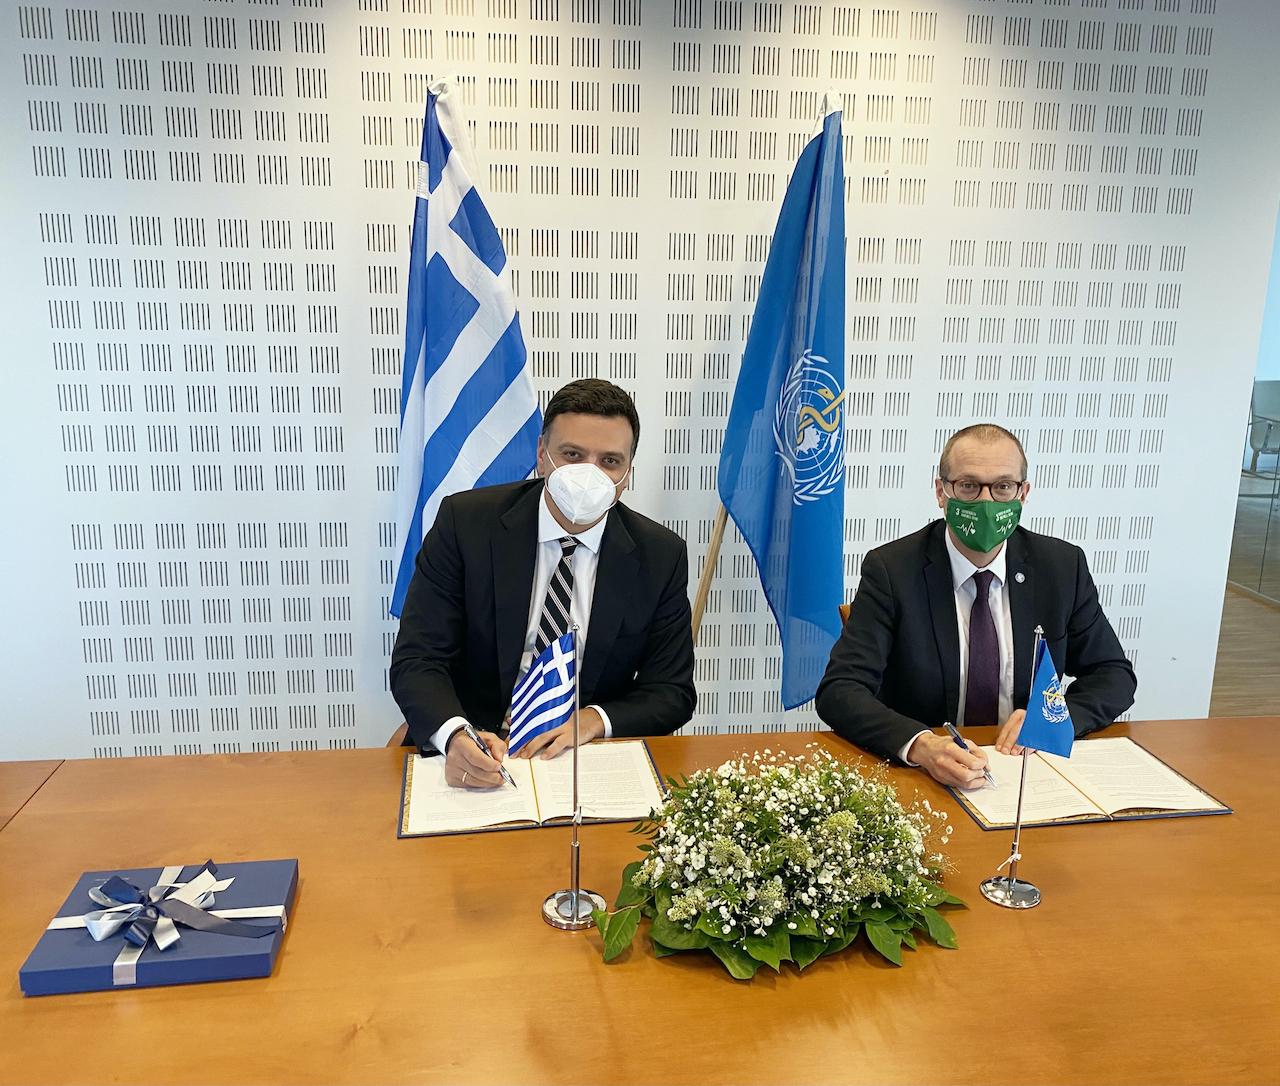 Στην Ελλάδα το νέο Γραφείο του ΠΟΥ-Ευρώπης για την Ποιότητα της Υγειονομικής Περίθαλψης – ΦΩΤΟ